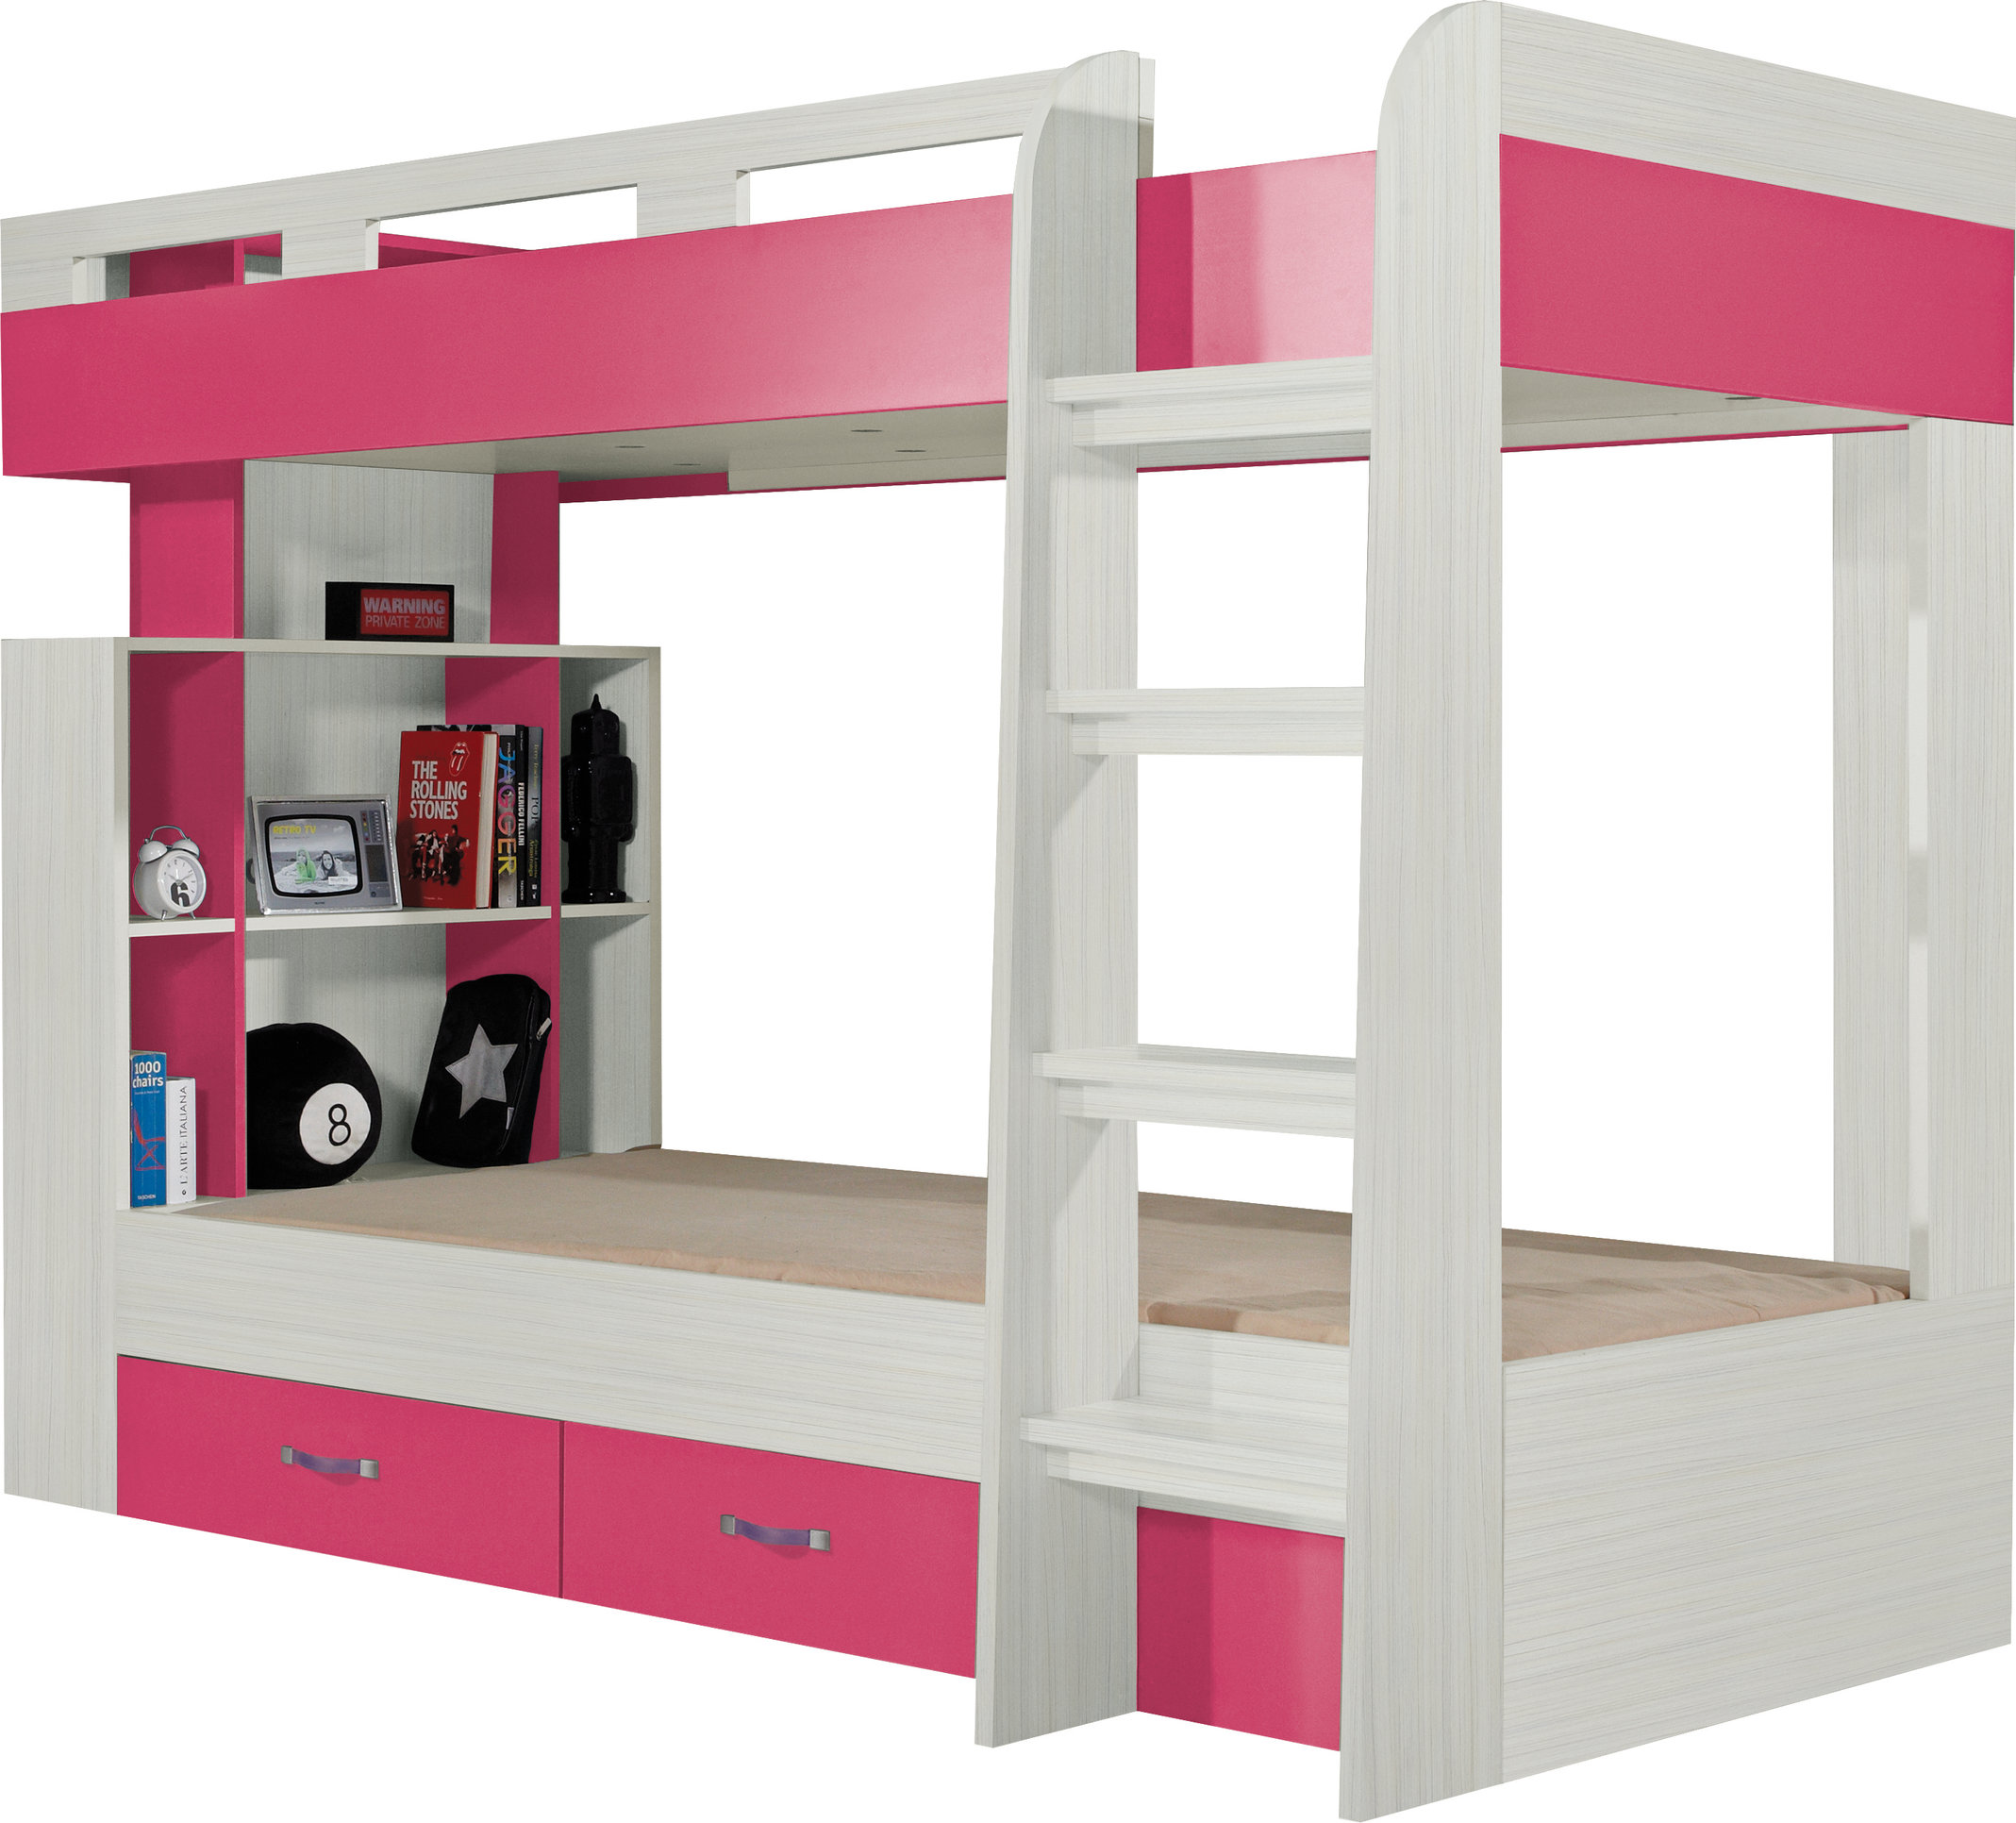 Meblar Poschodová posteľ Komi KM 19 Farba: Ružová